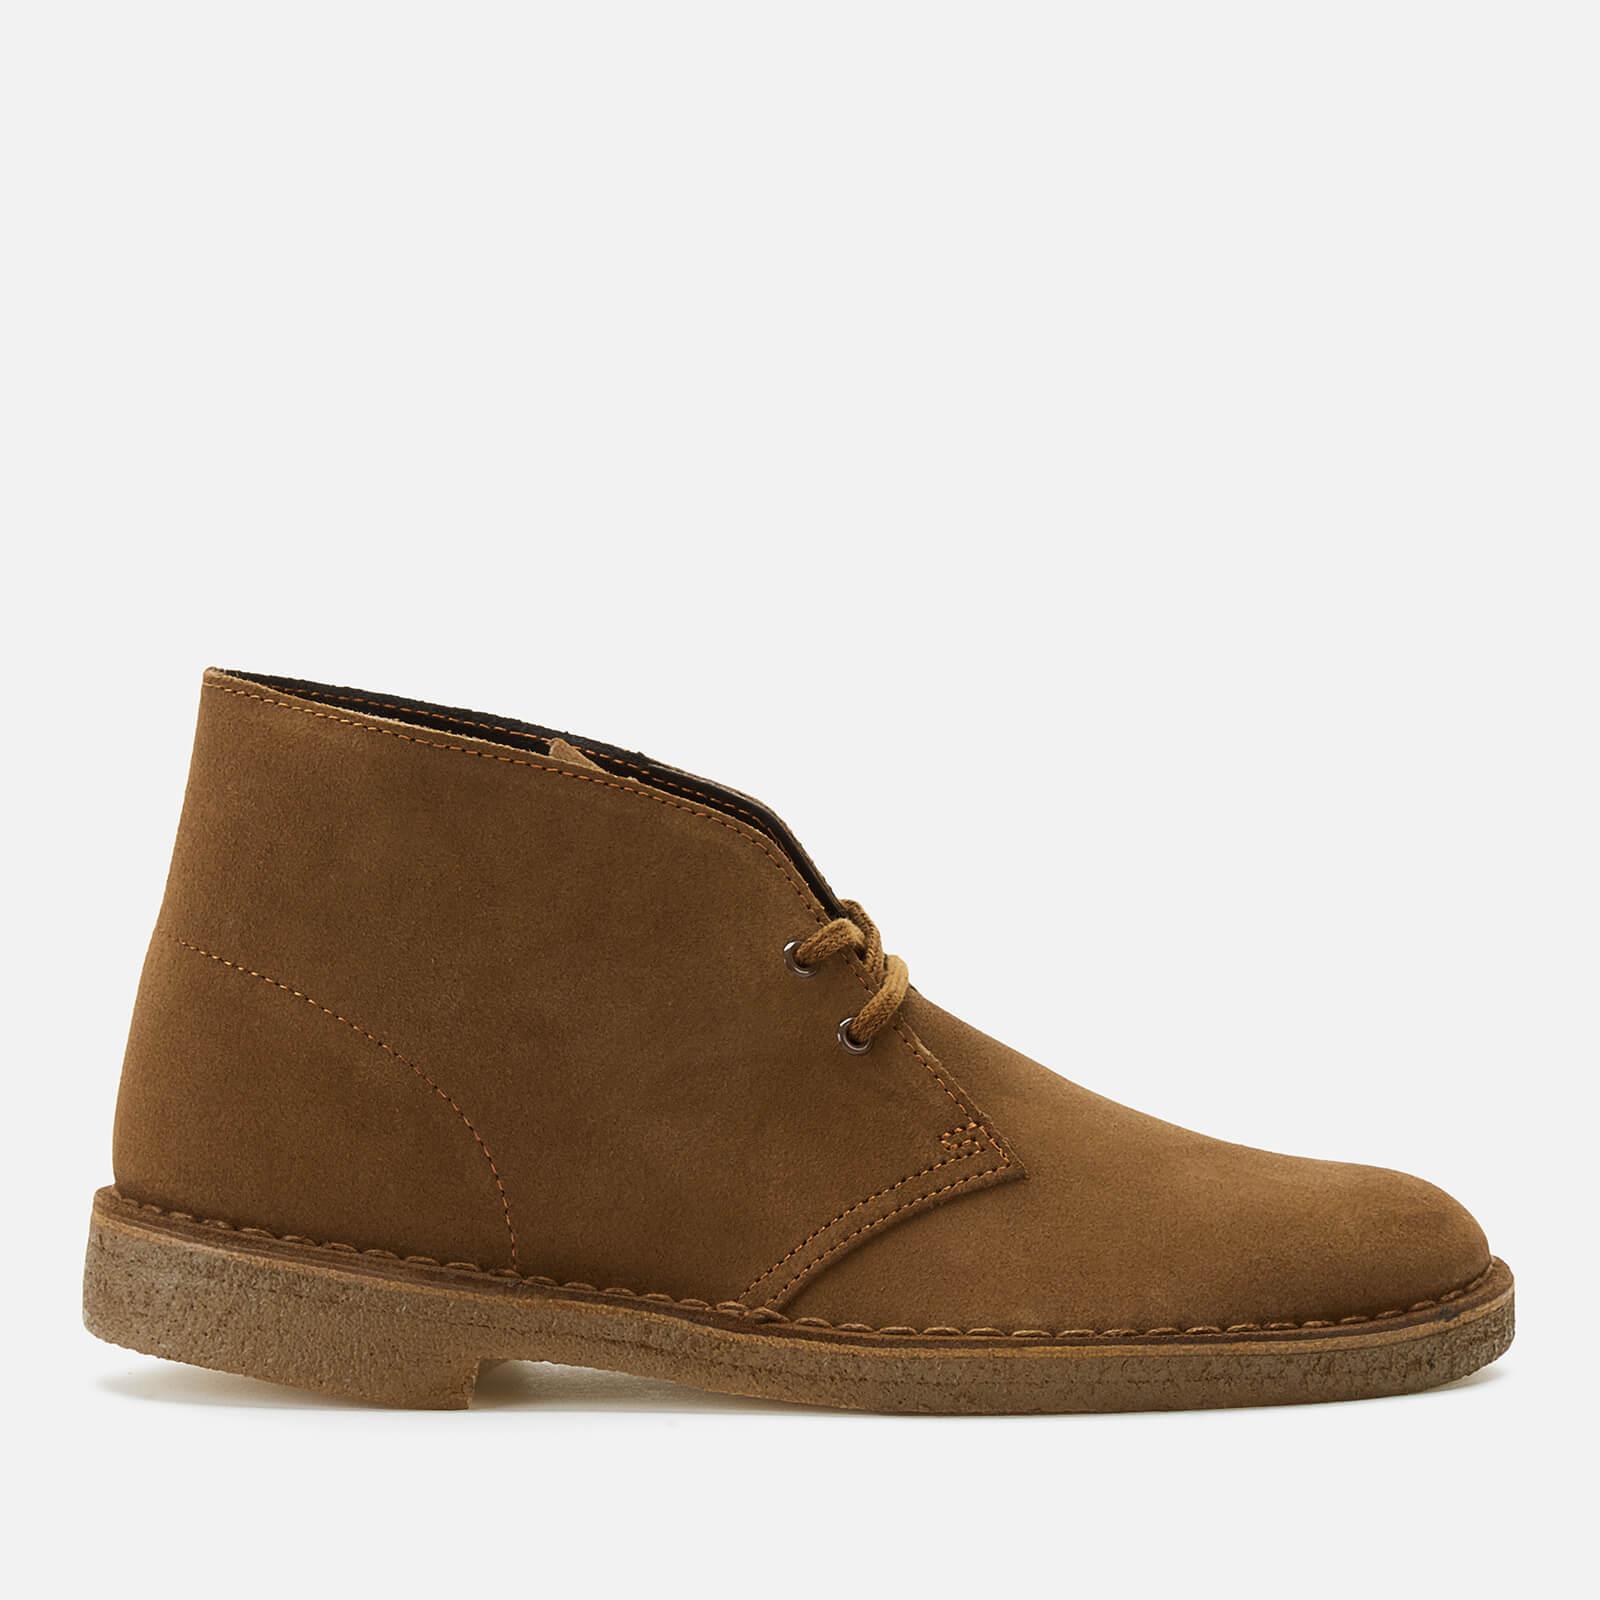 Clarks Originals Men's Suede Desert Boots - Cola - UK 9